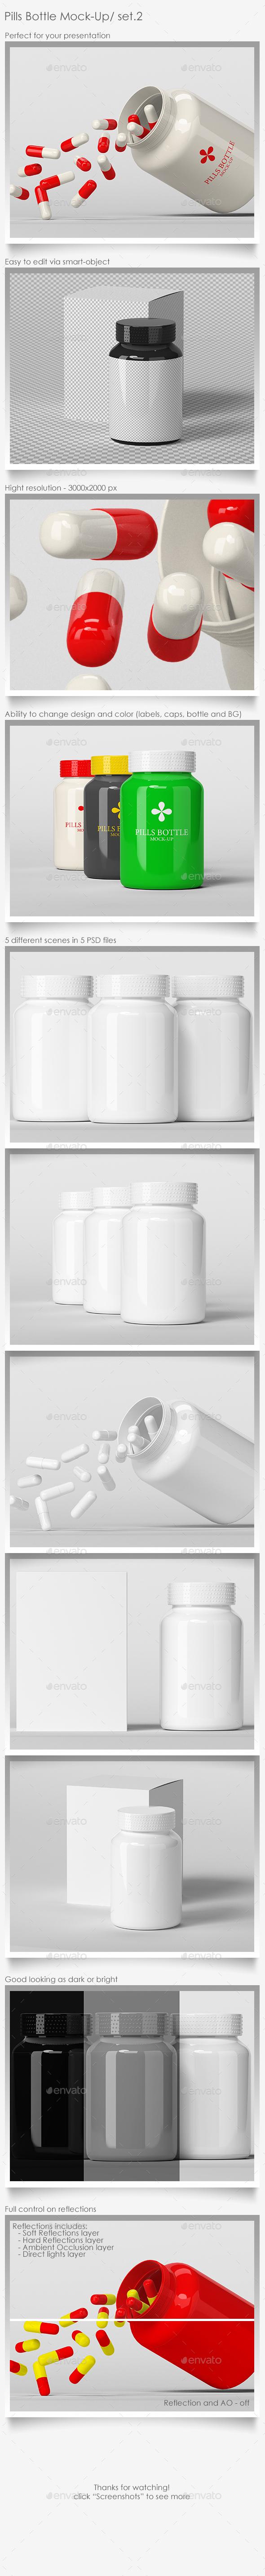 Pills Bottle Mock-Up Set.2 - Packaging Product Mock-Ups